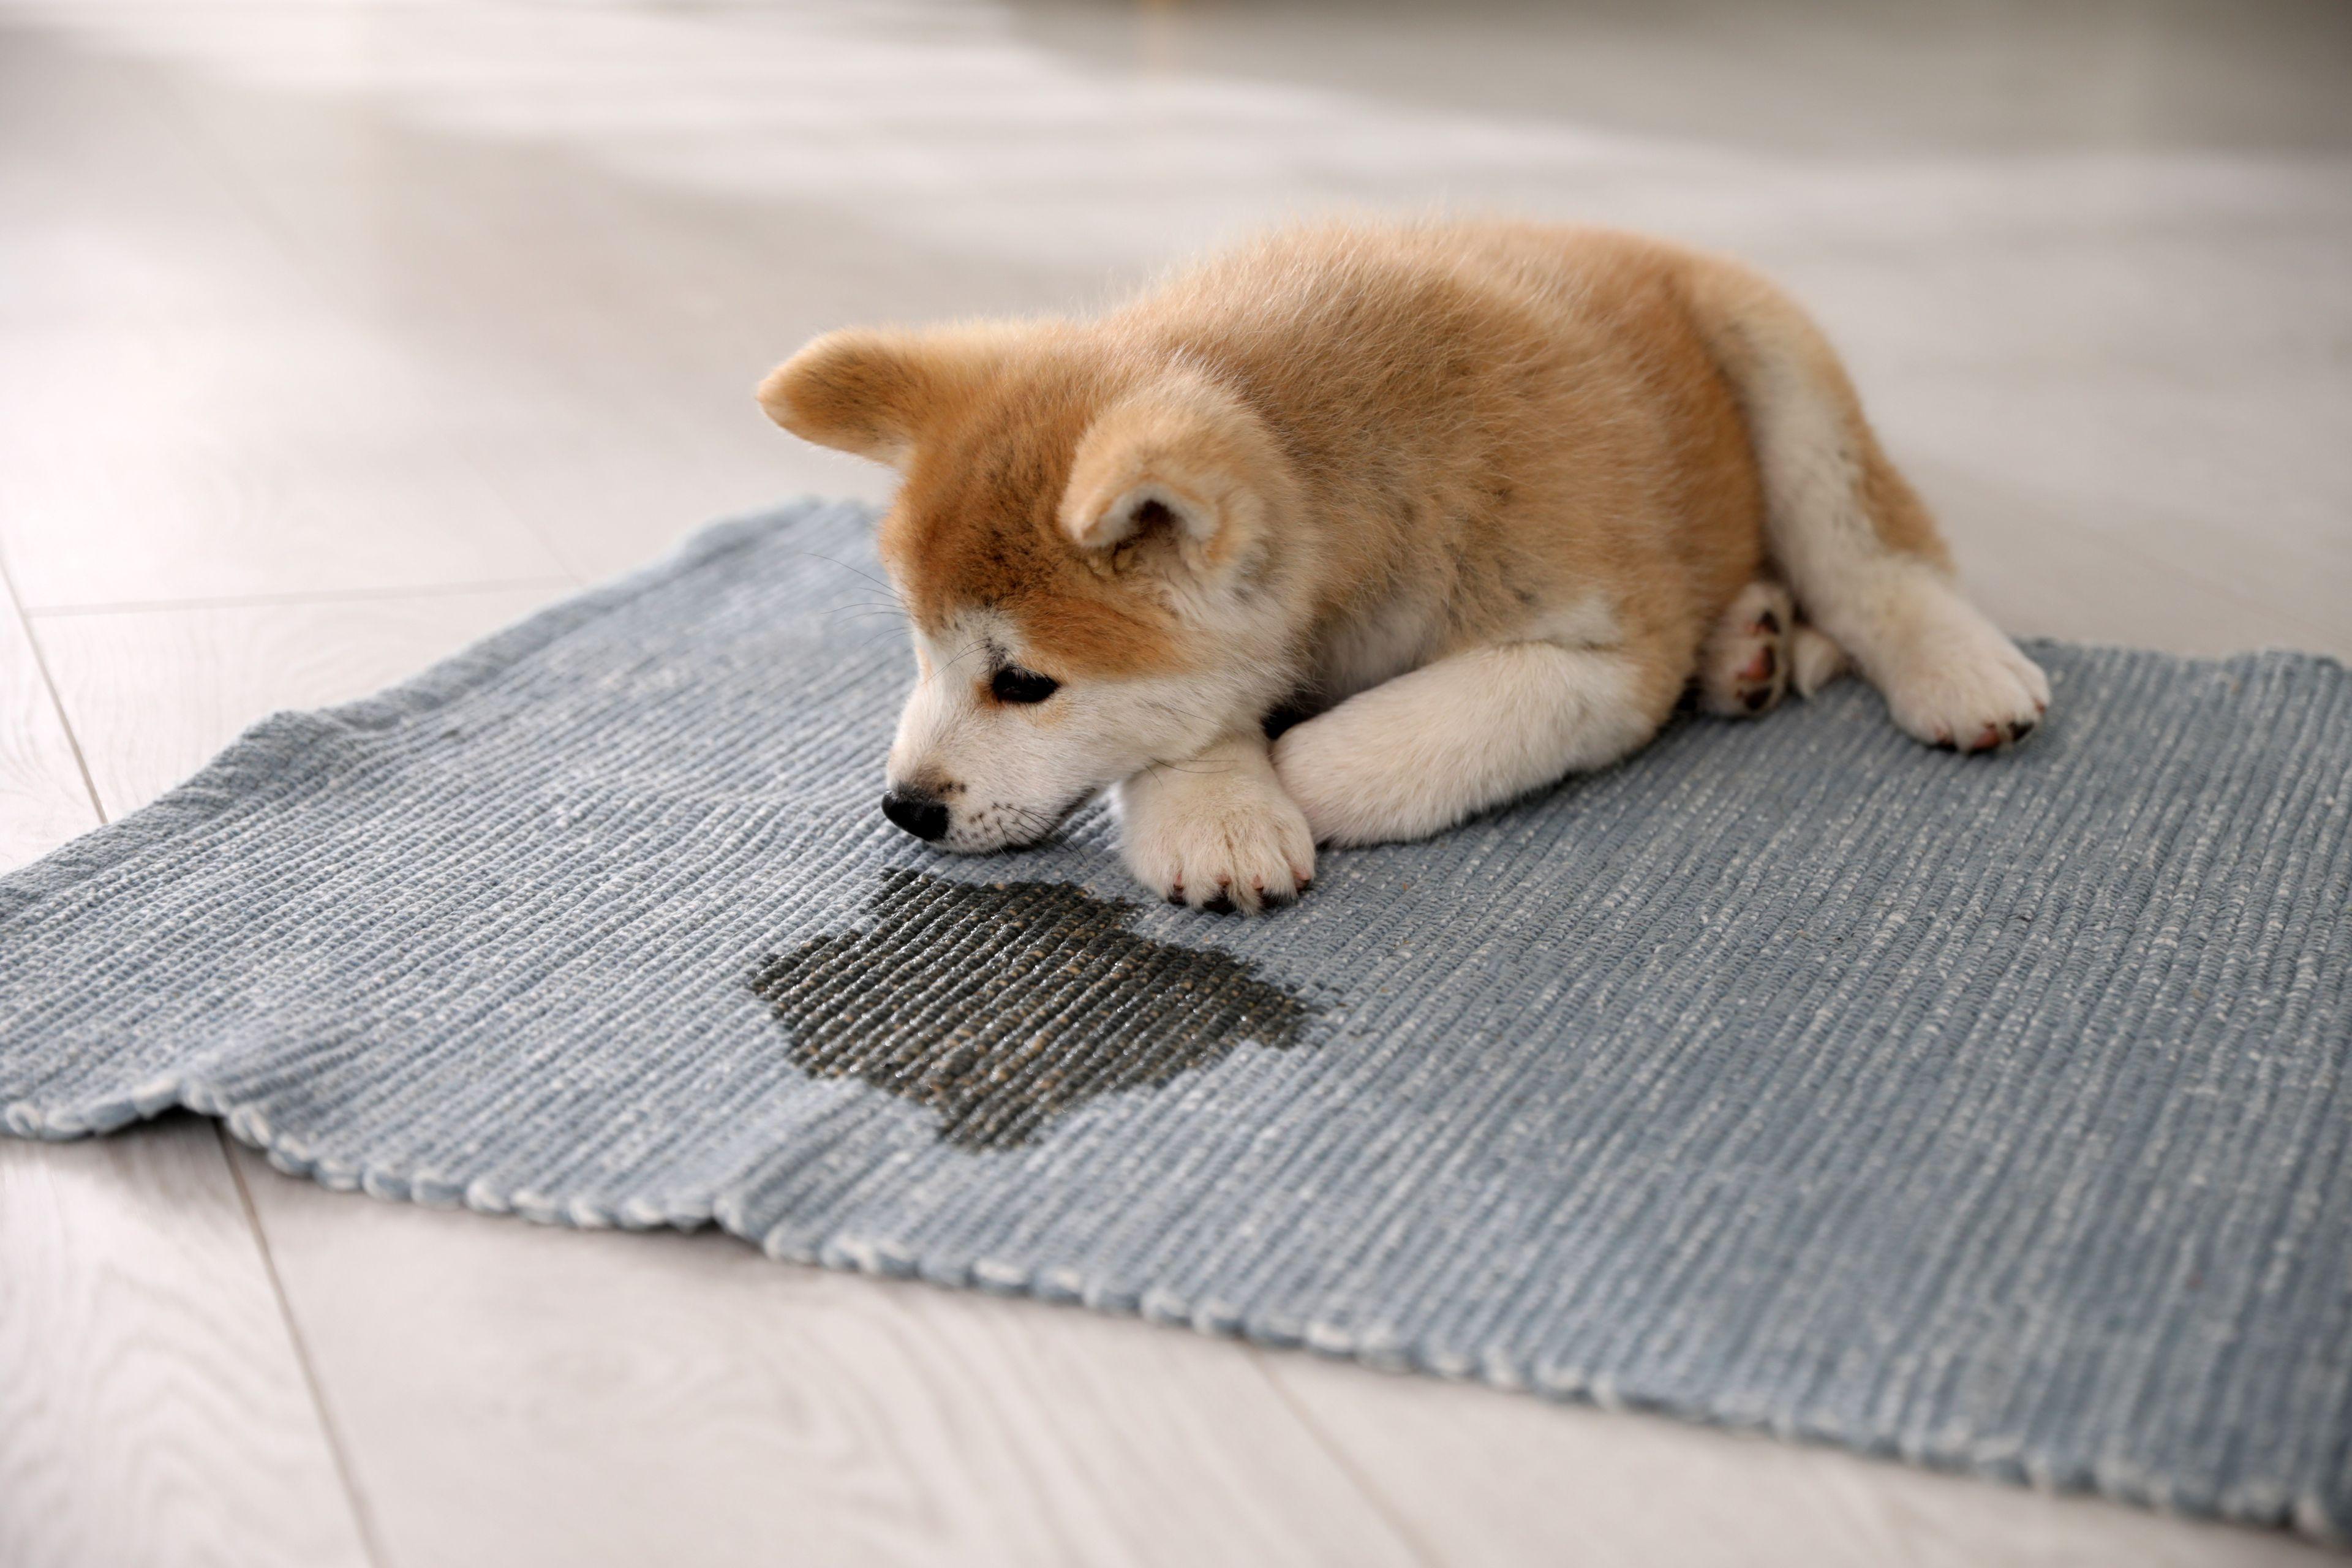 cane sporca il tappeto